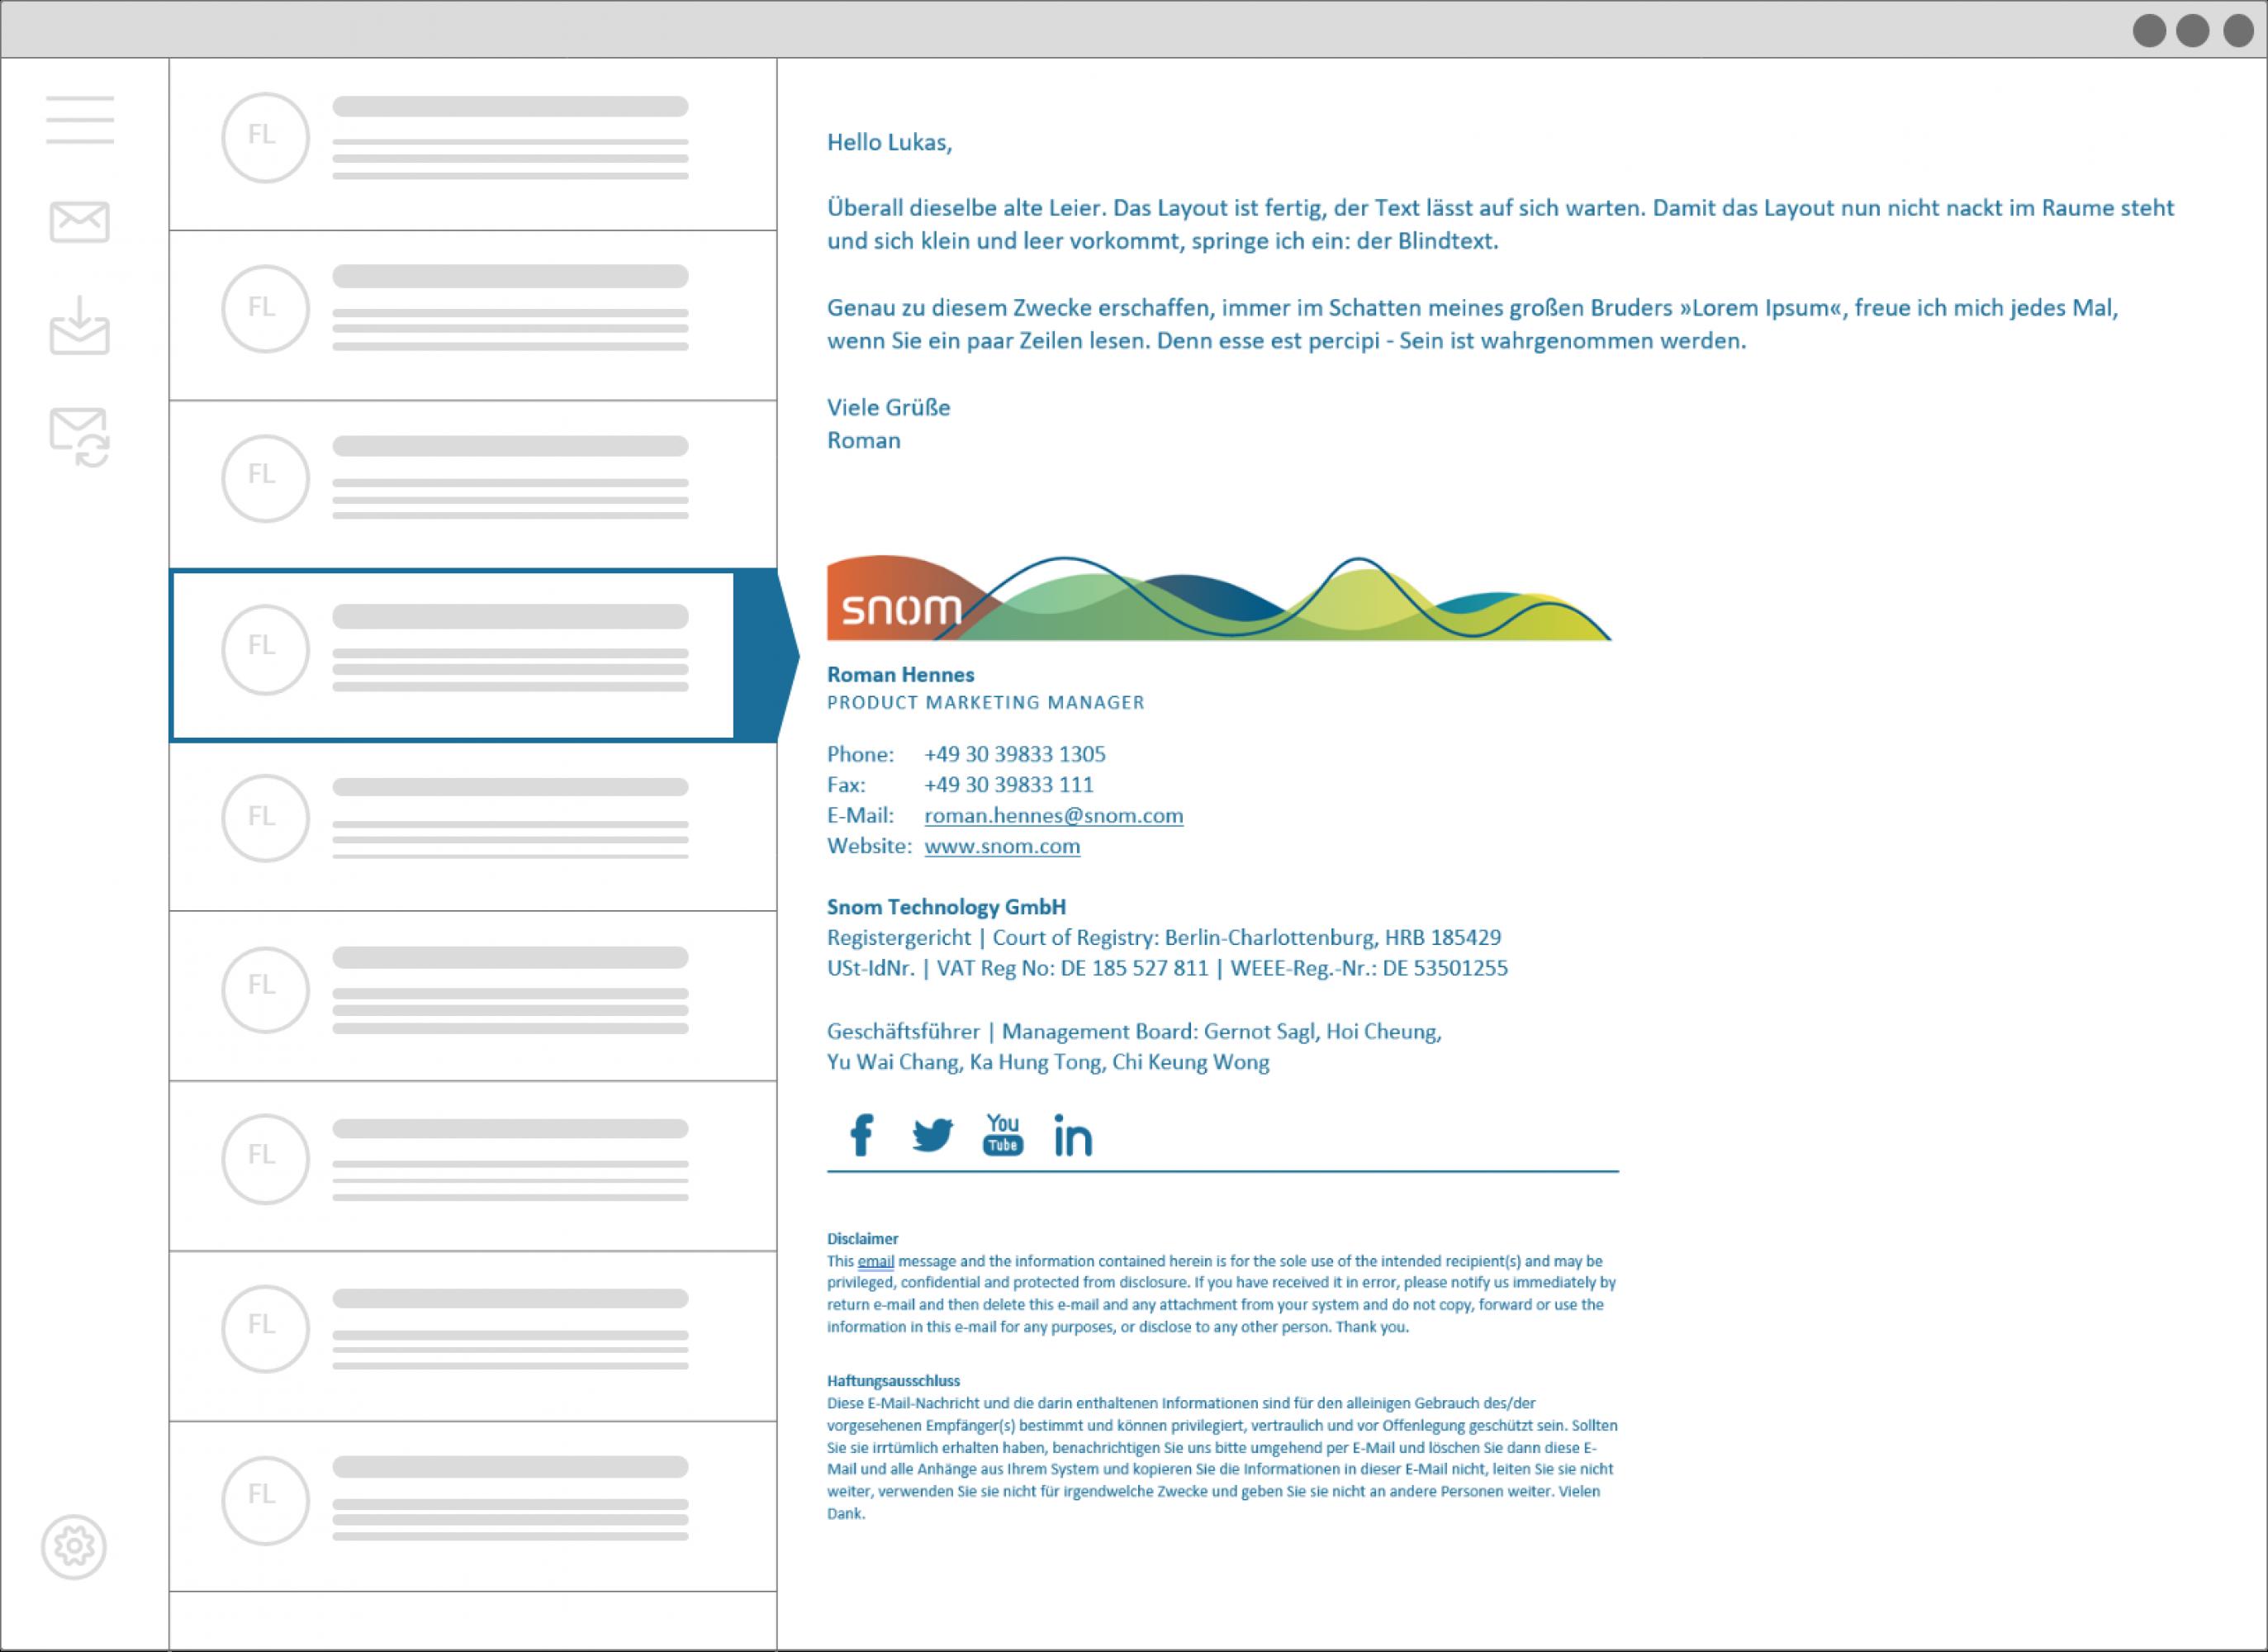 Rebranding-E-Mail-Signatur